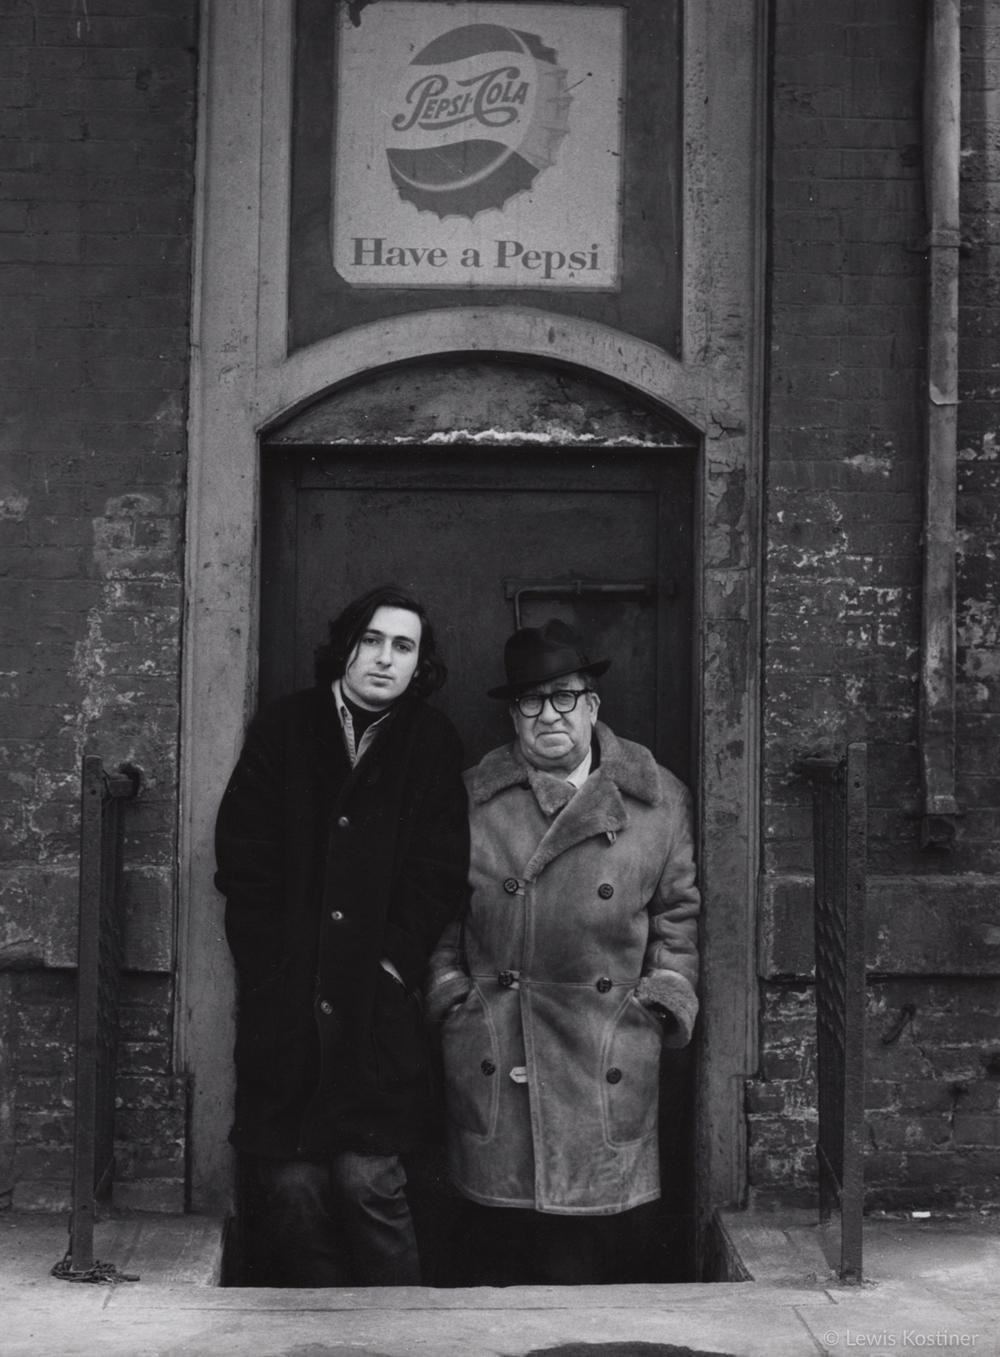 Aaron Siskind & Lewis Kostiner, New York, 1976